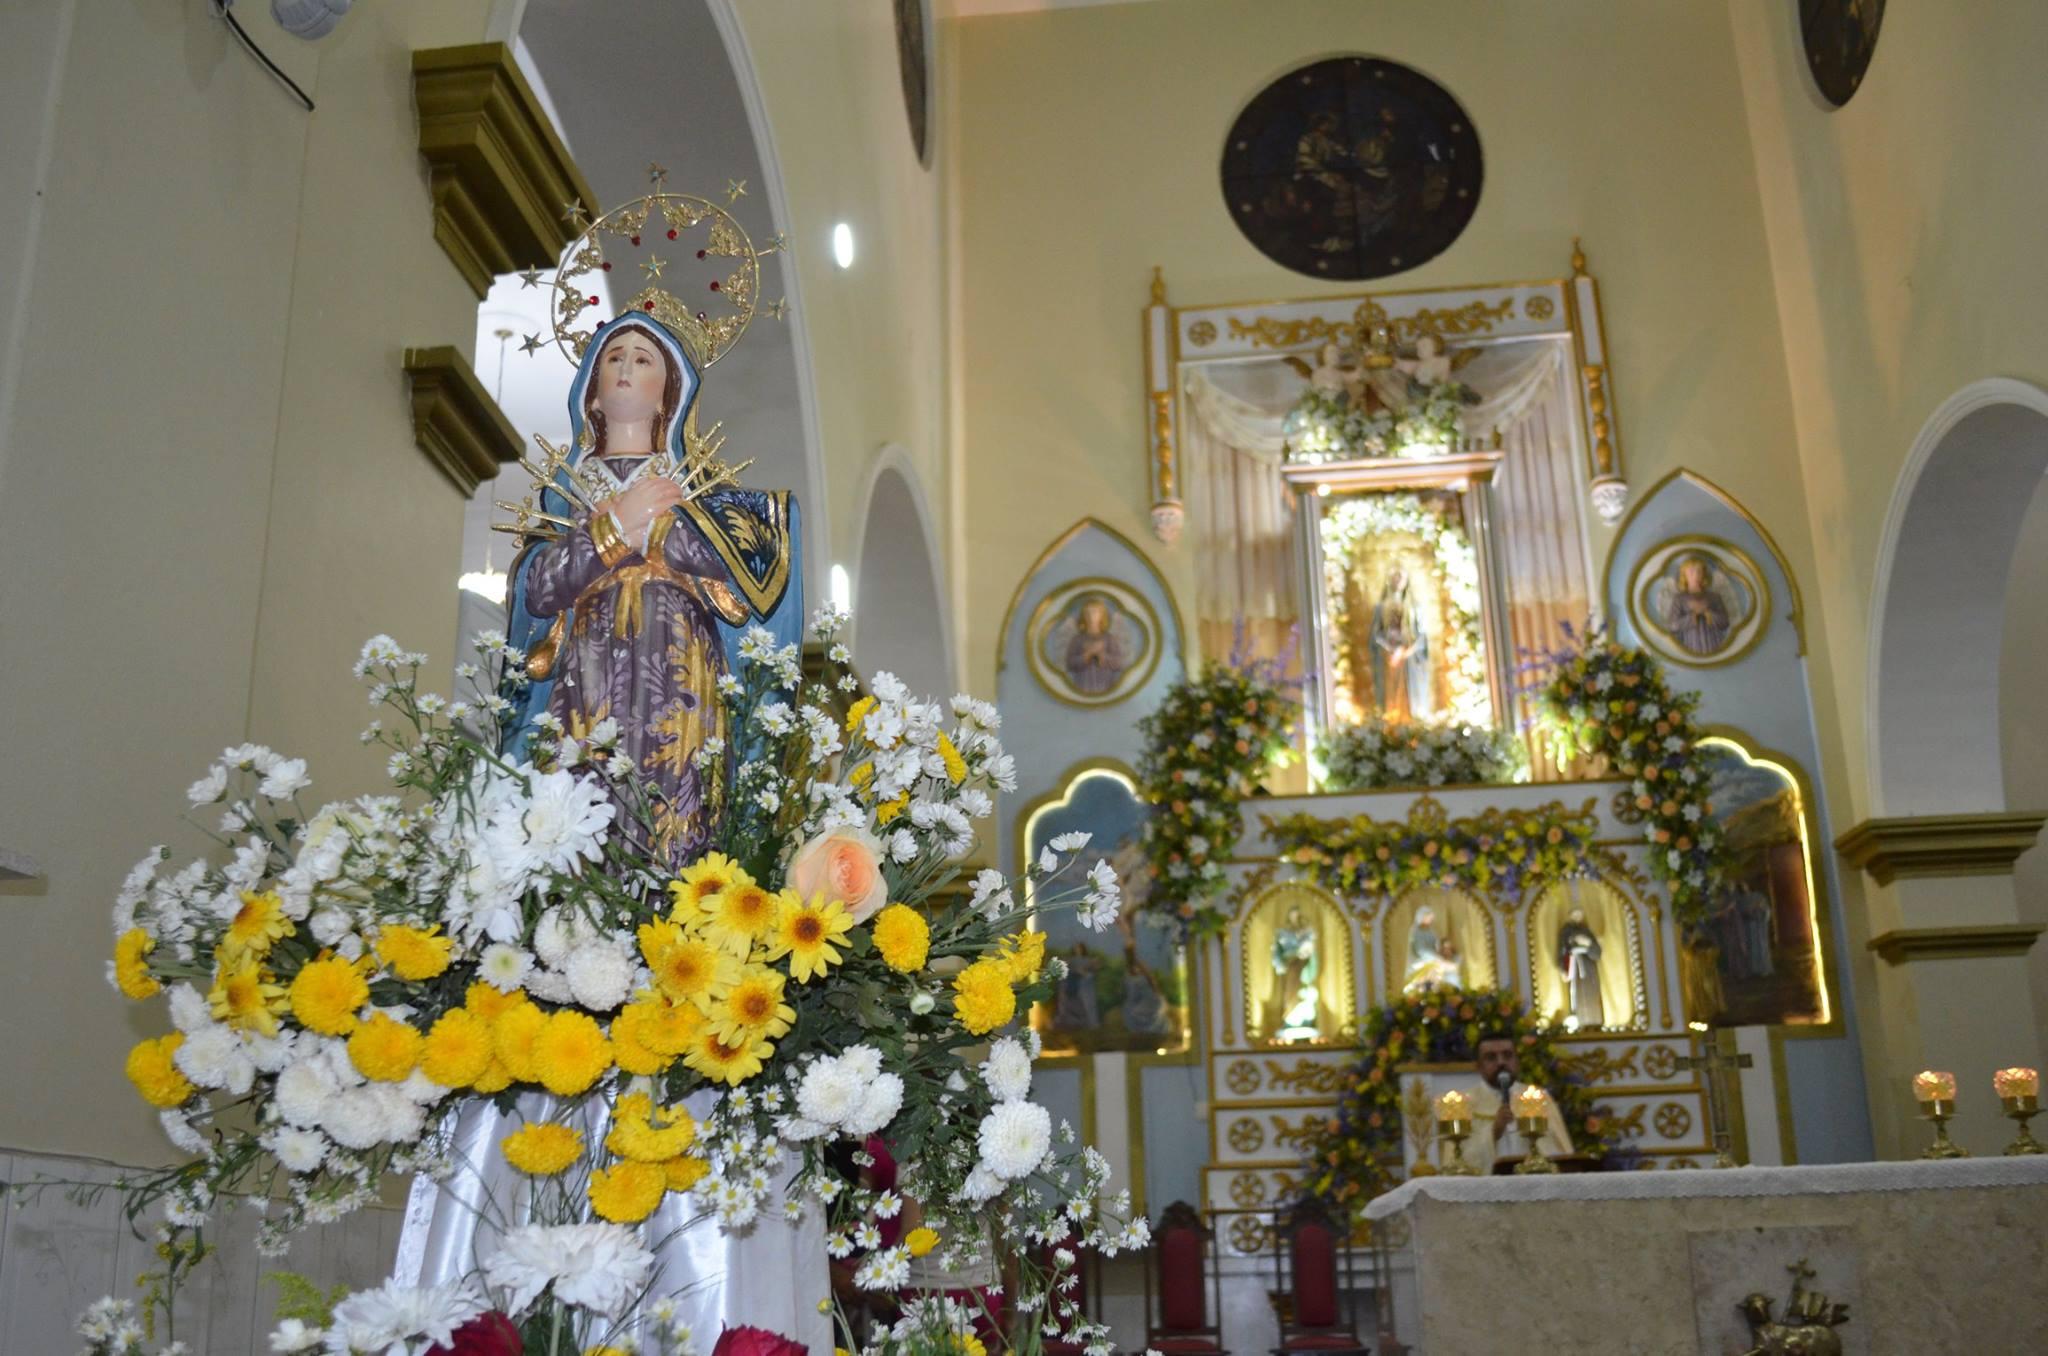 Festas Marianas Do Mês De Outubro Nossa Senhora Do: Basílica Santuário Em Juazeiro Tem Programação Do Mês